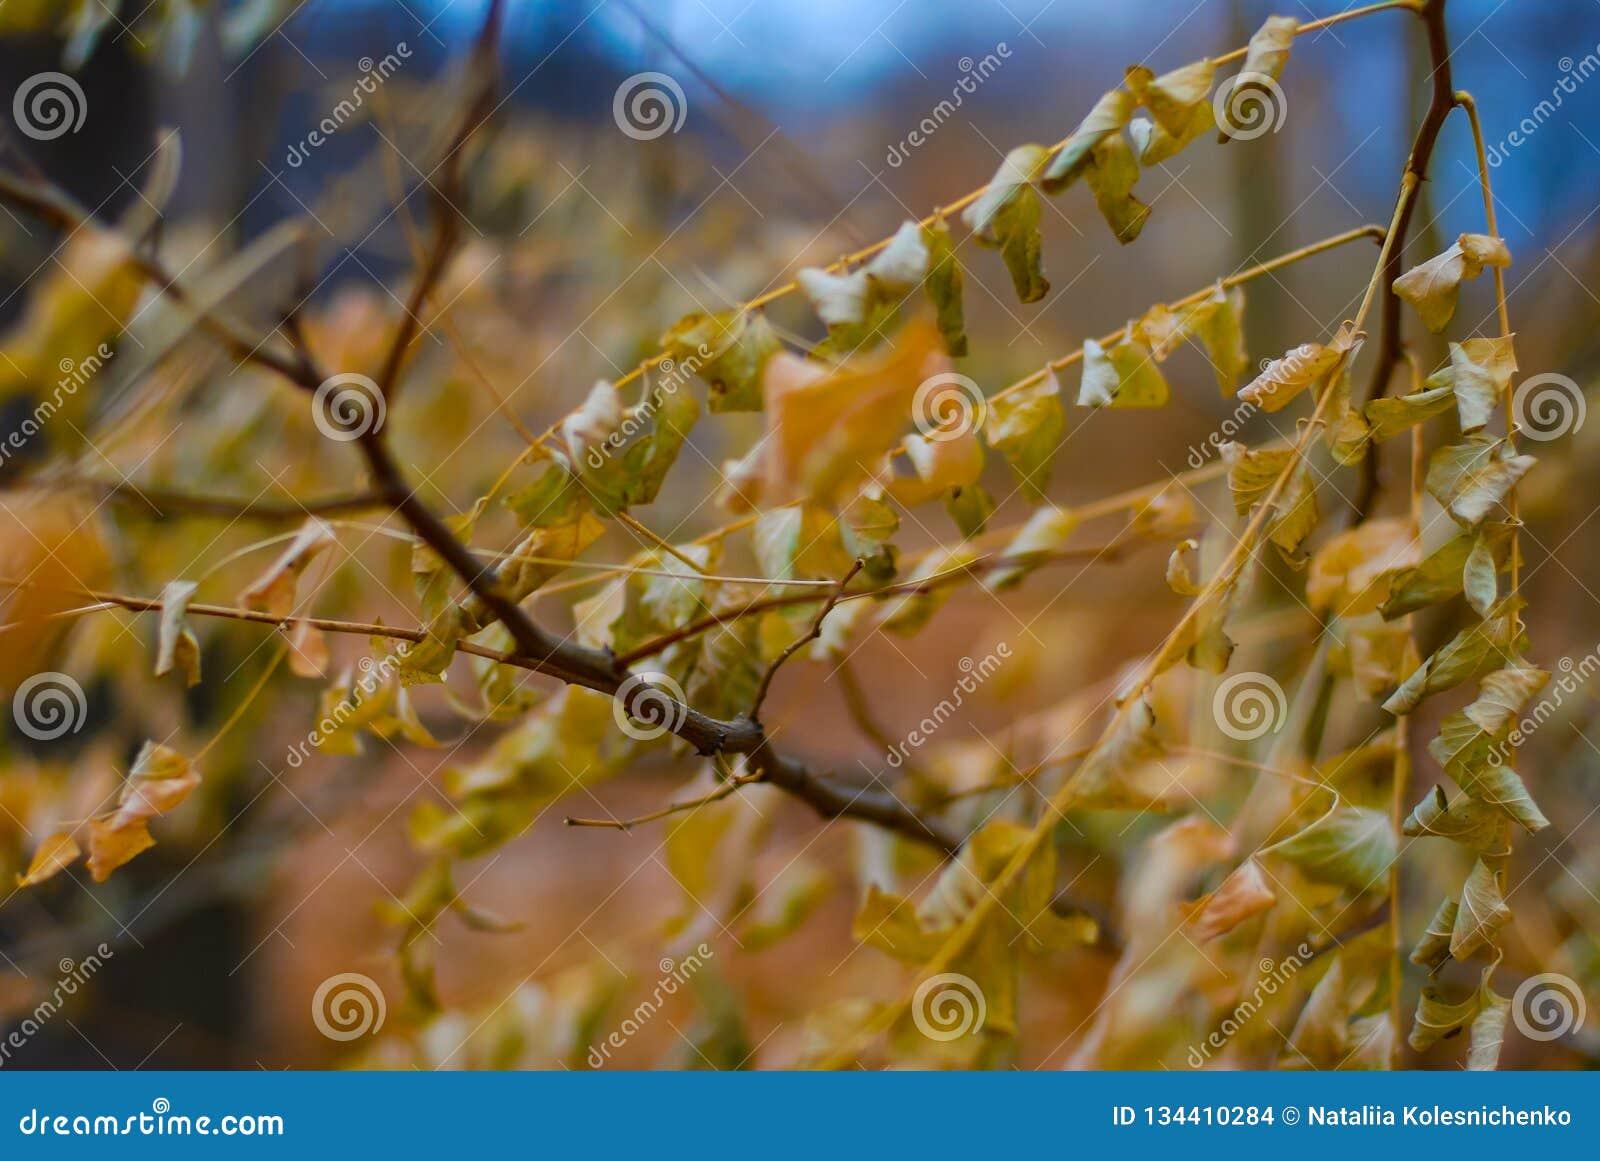 Конец-вверх листвы осени золотой с мягкой запачканной предпосылкой